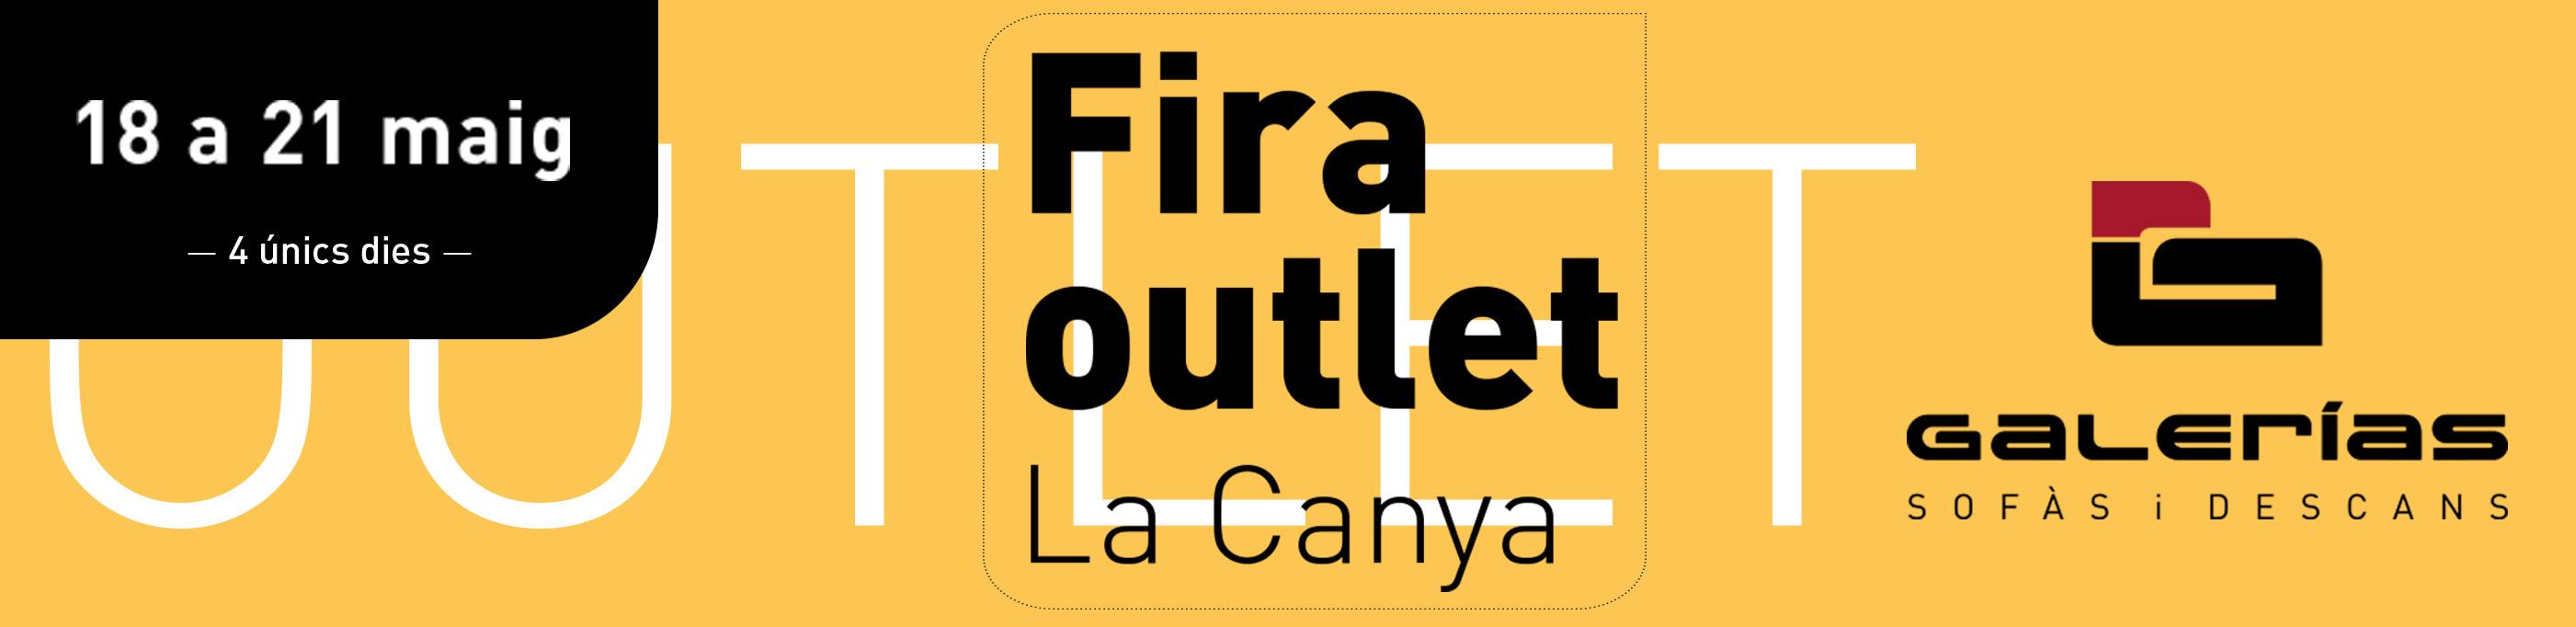 imatge-blog-Outlet-La-Canya-